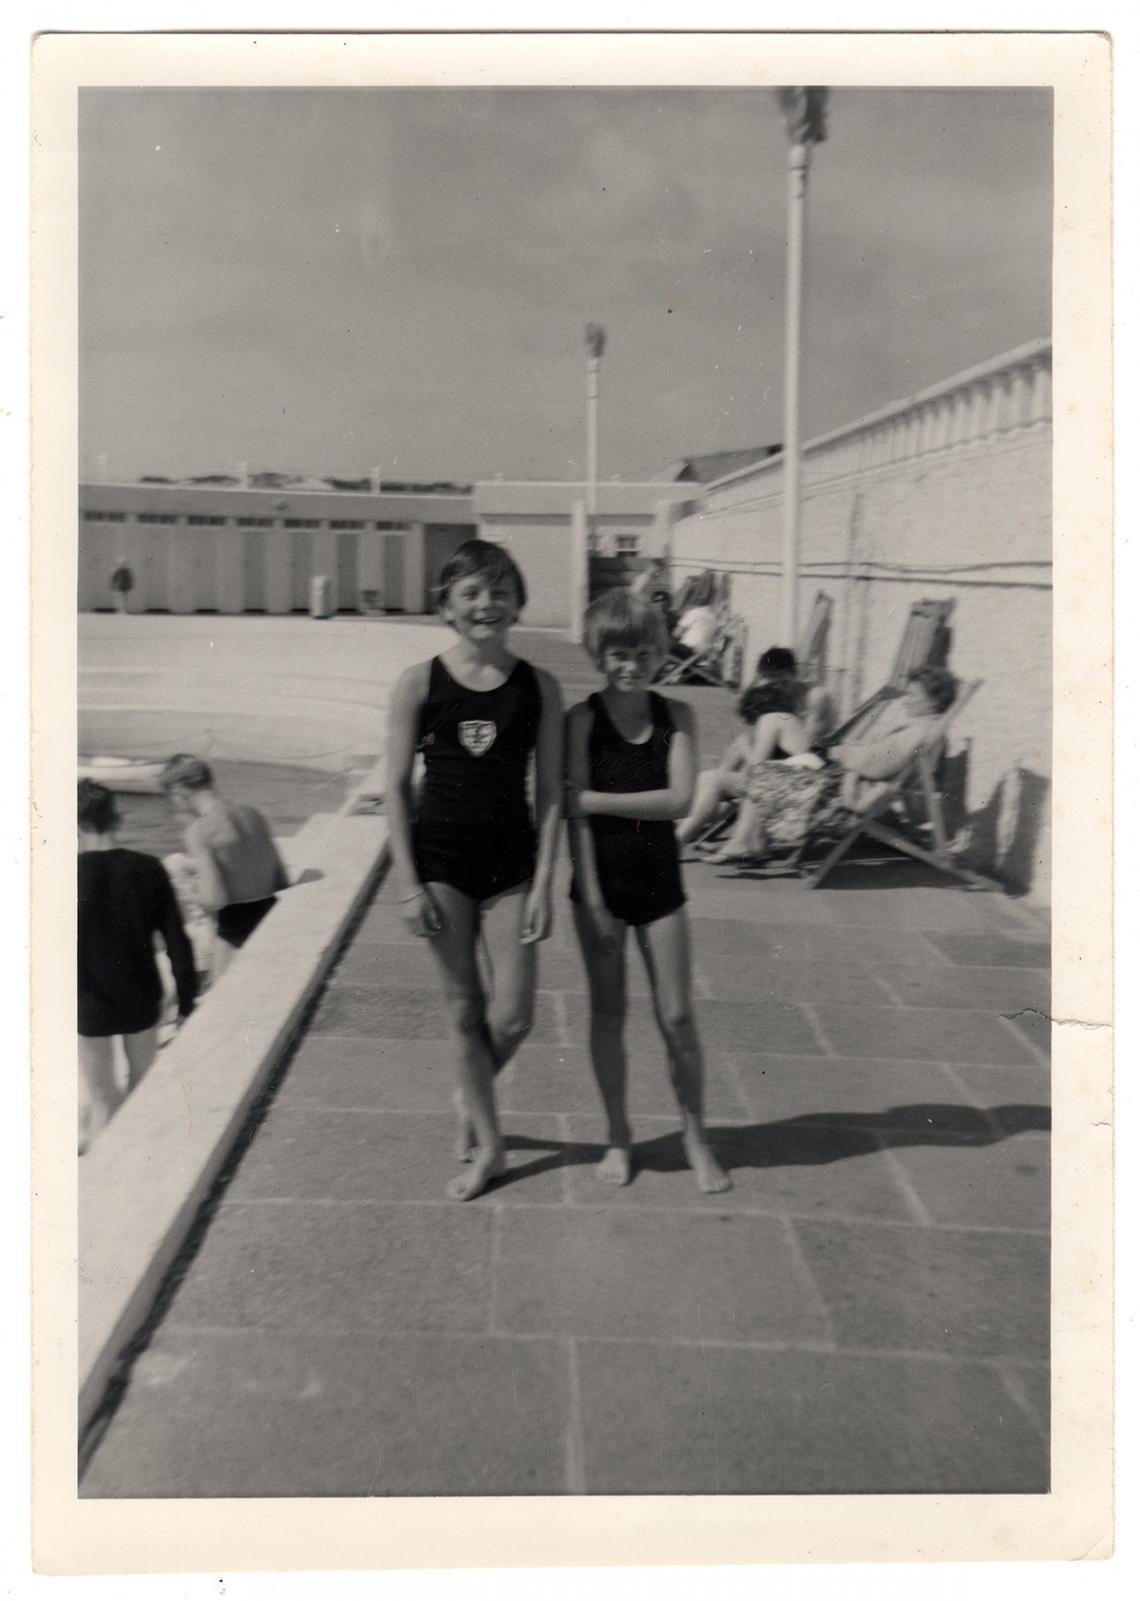 Elizabeth Glover (nee Cooper) and Liz Jilbert